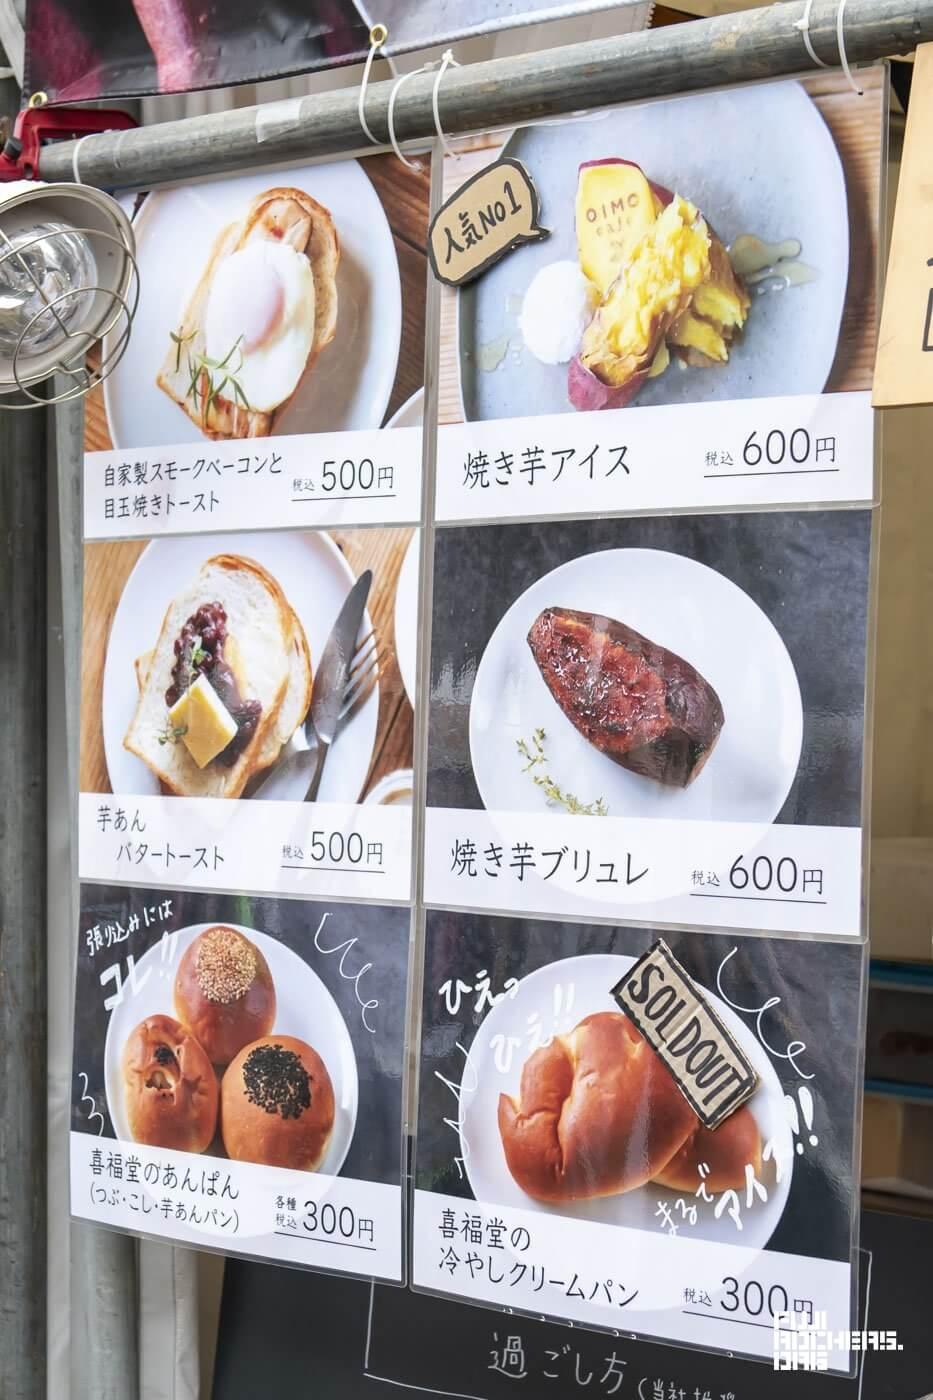 焼き芋アイス&抹茶ラテ